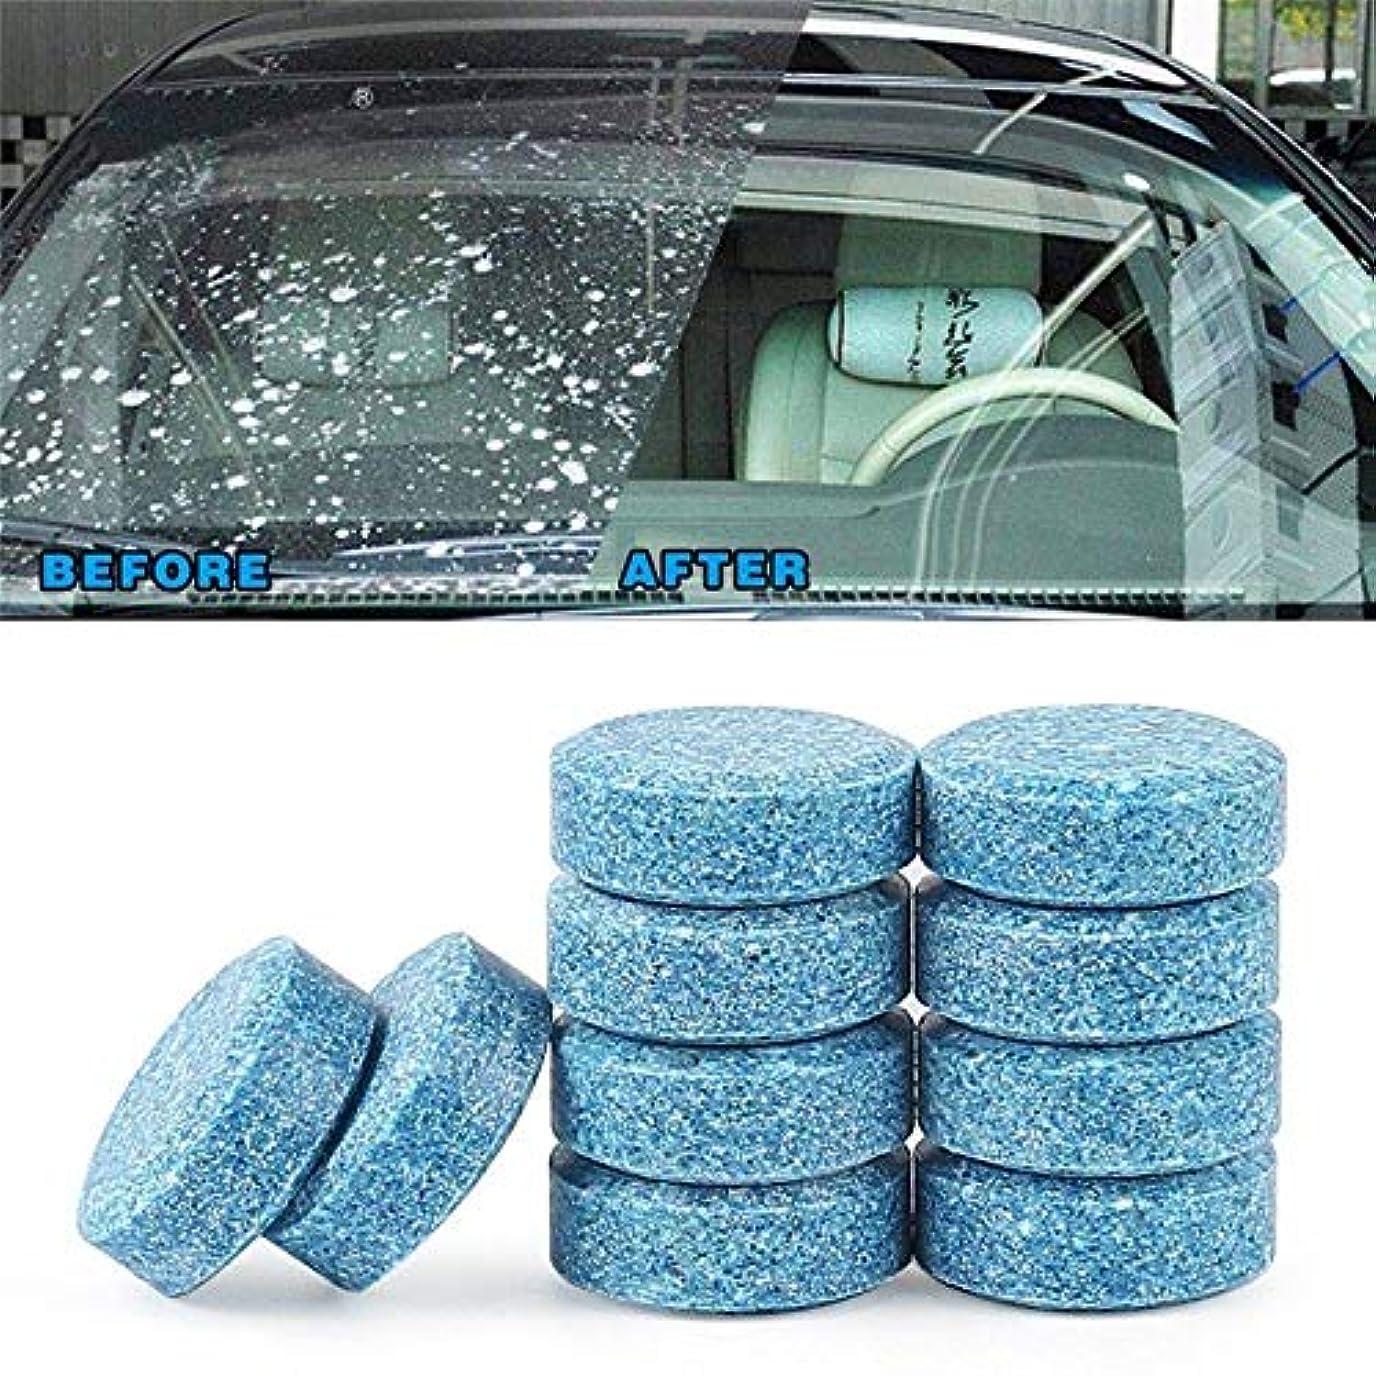 撤回する路地小数10 PC車のフロントガラスクリーニング車の窓ガラスクリーナー車固体ワイパー罰金ワイパー車自動ウィンドウクリーニング